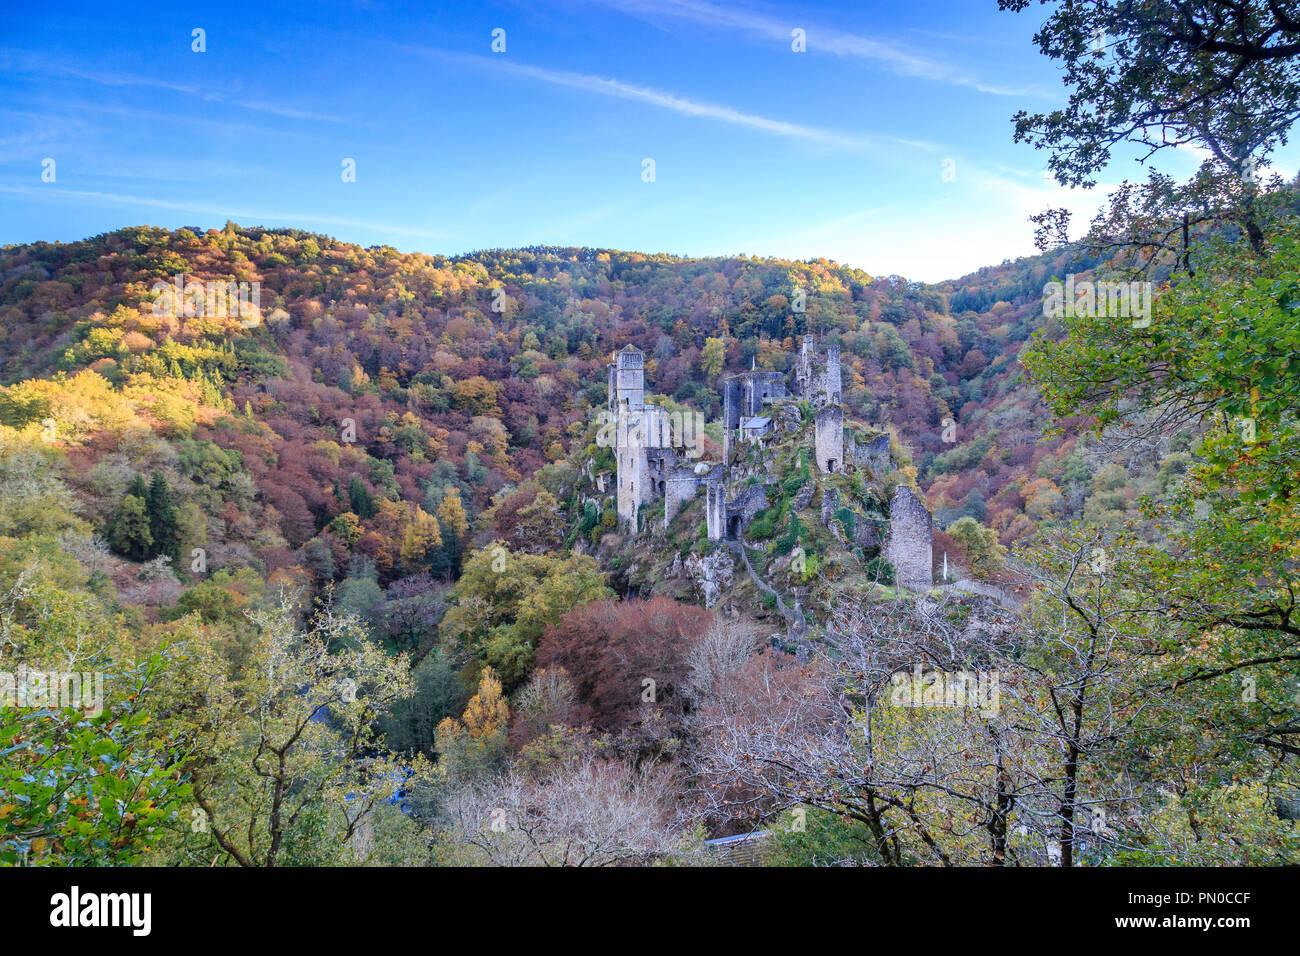 France, Correze, Saint Geniez o Merle, the Tours de Merle, ruins of a set of medieval castles // France, Corrèze (19), Saint-Geniez-ô-Merle, les Tours - Stock Image